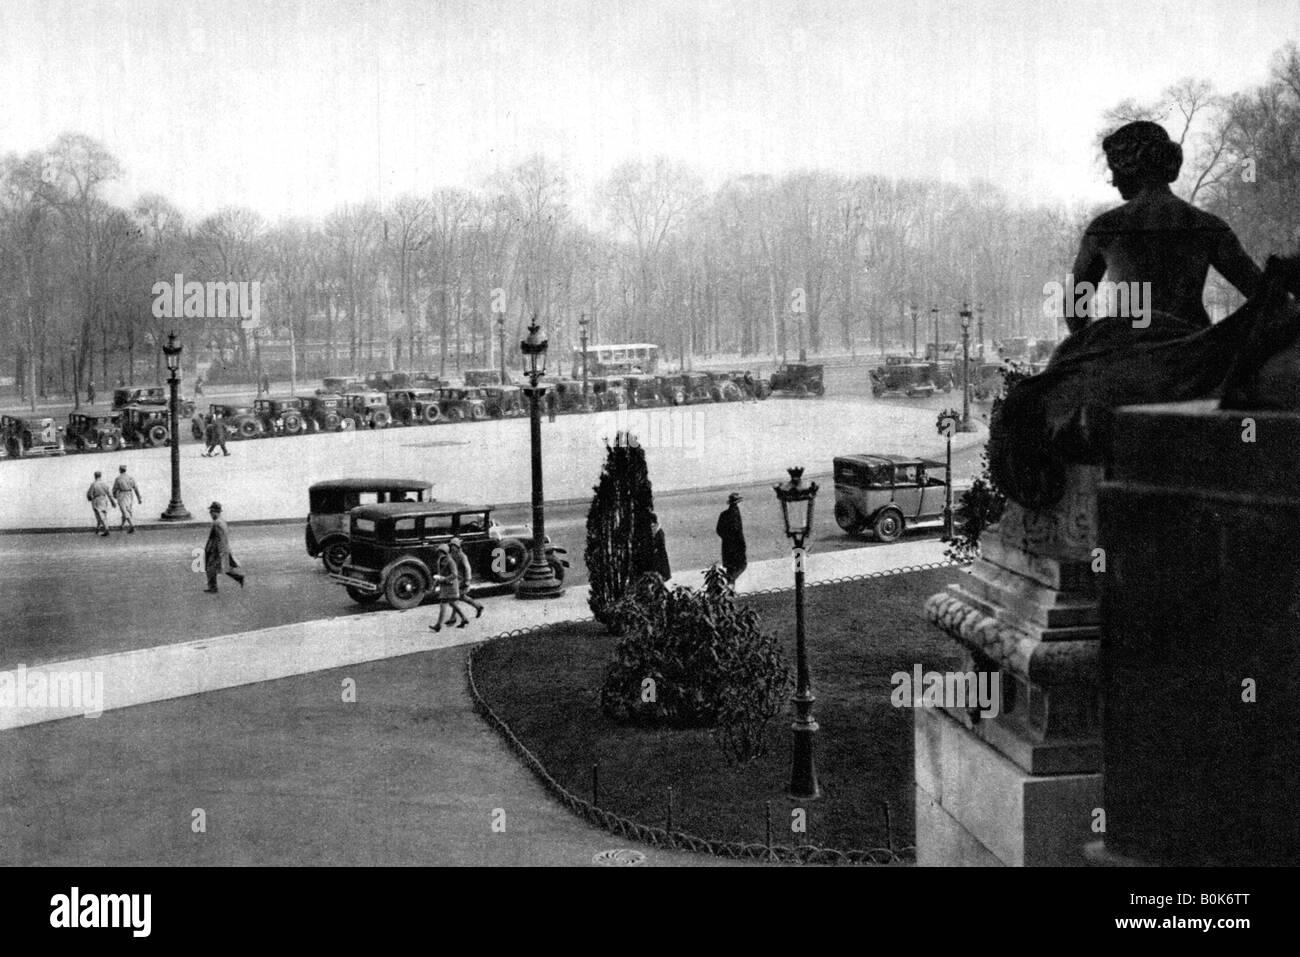 Le Rond Point et la Place Georges Clemenceau, Paris, 1931. Artiste: Ernest Flammarion Photo Stock